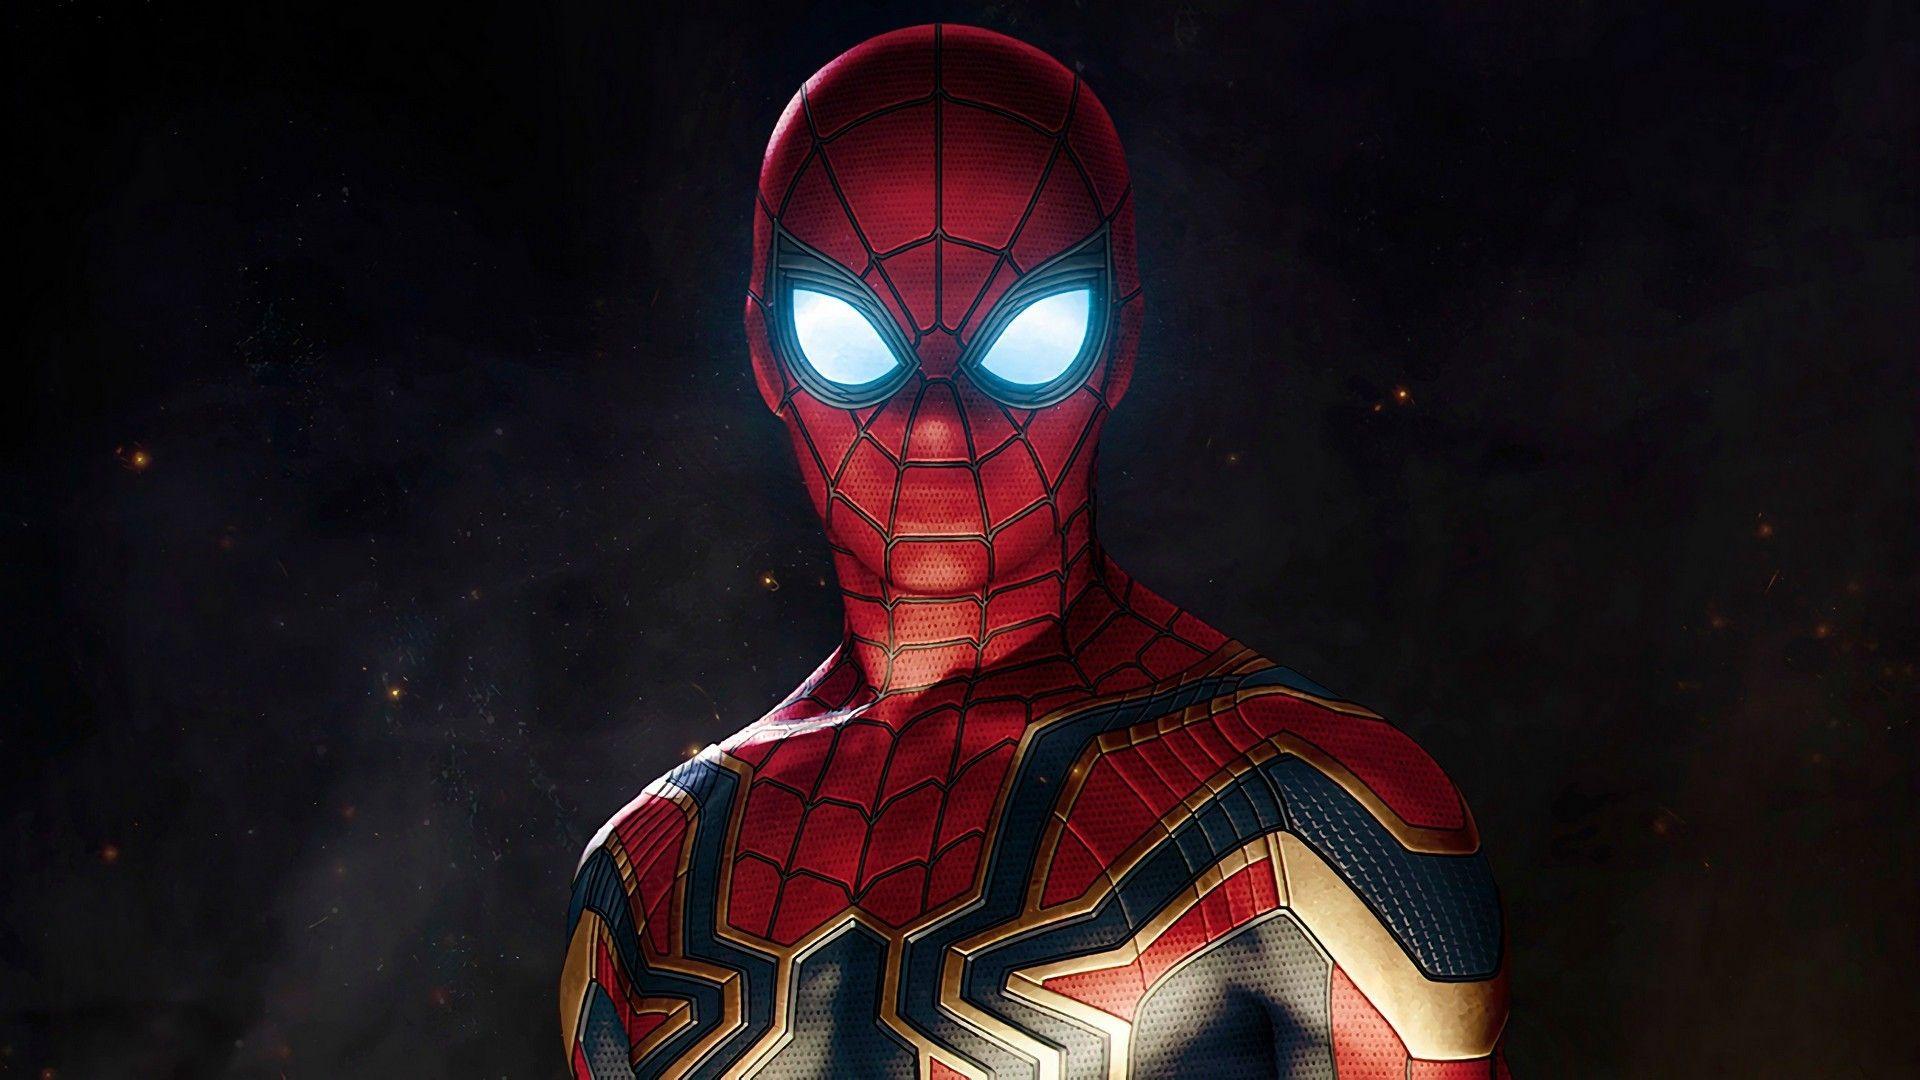 Spiderman Avengers Infinity War Wallpaper Best Hd Wallpapers Marvel Wallpaper Hd Avengers Wallpaper Hero Wallpaper